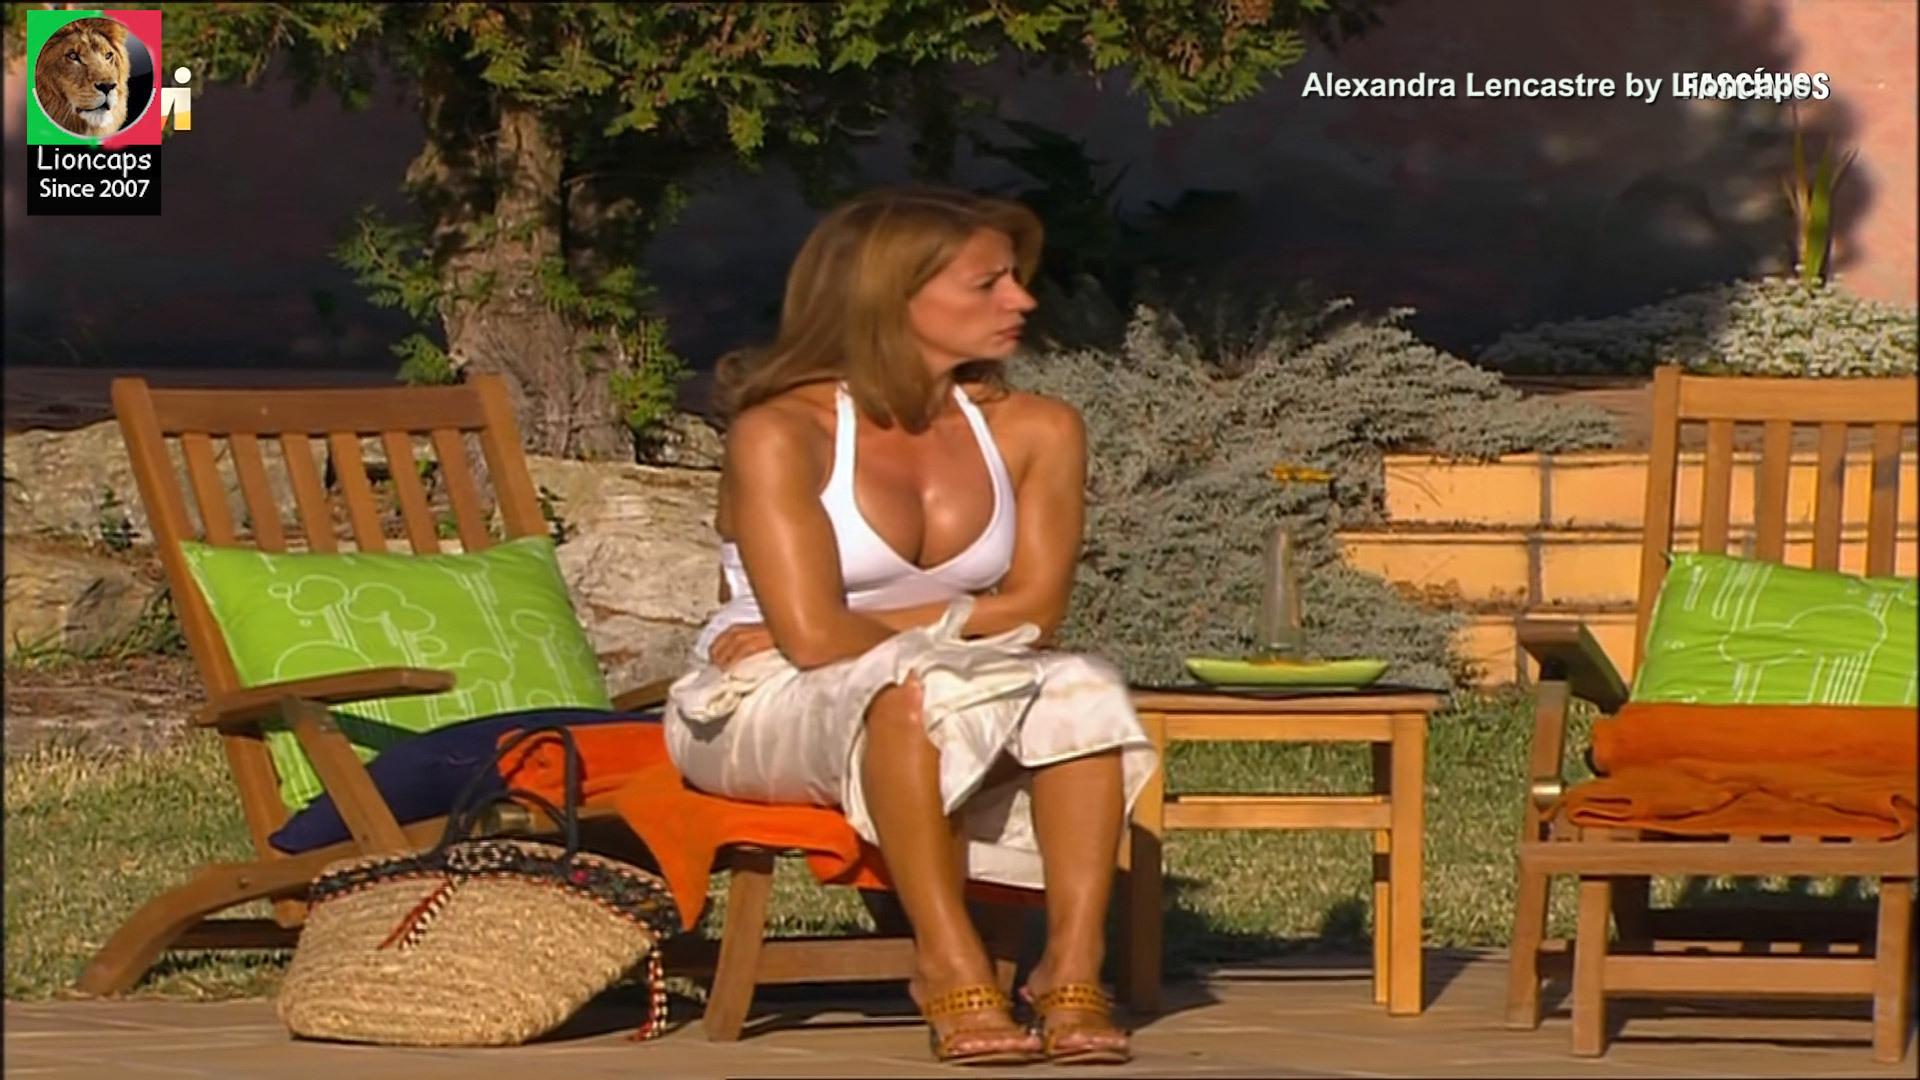 alexandra_lencastre_fascinios_lioncaps_27_04_2021 (19).jpg